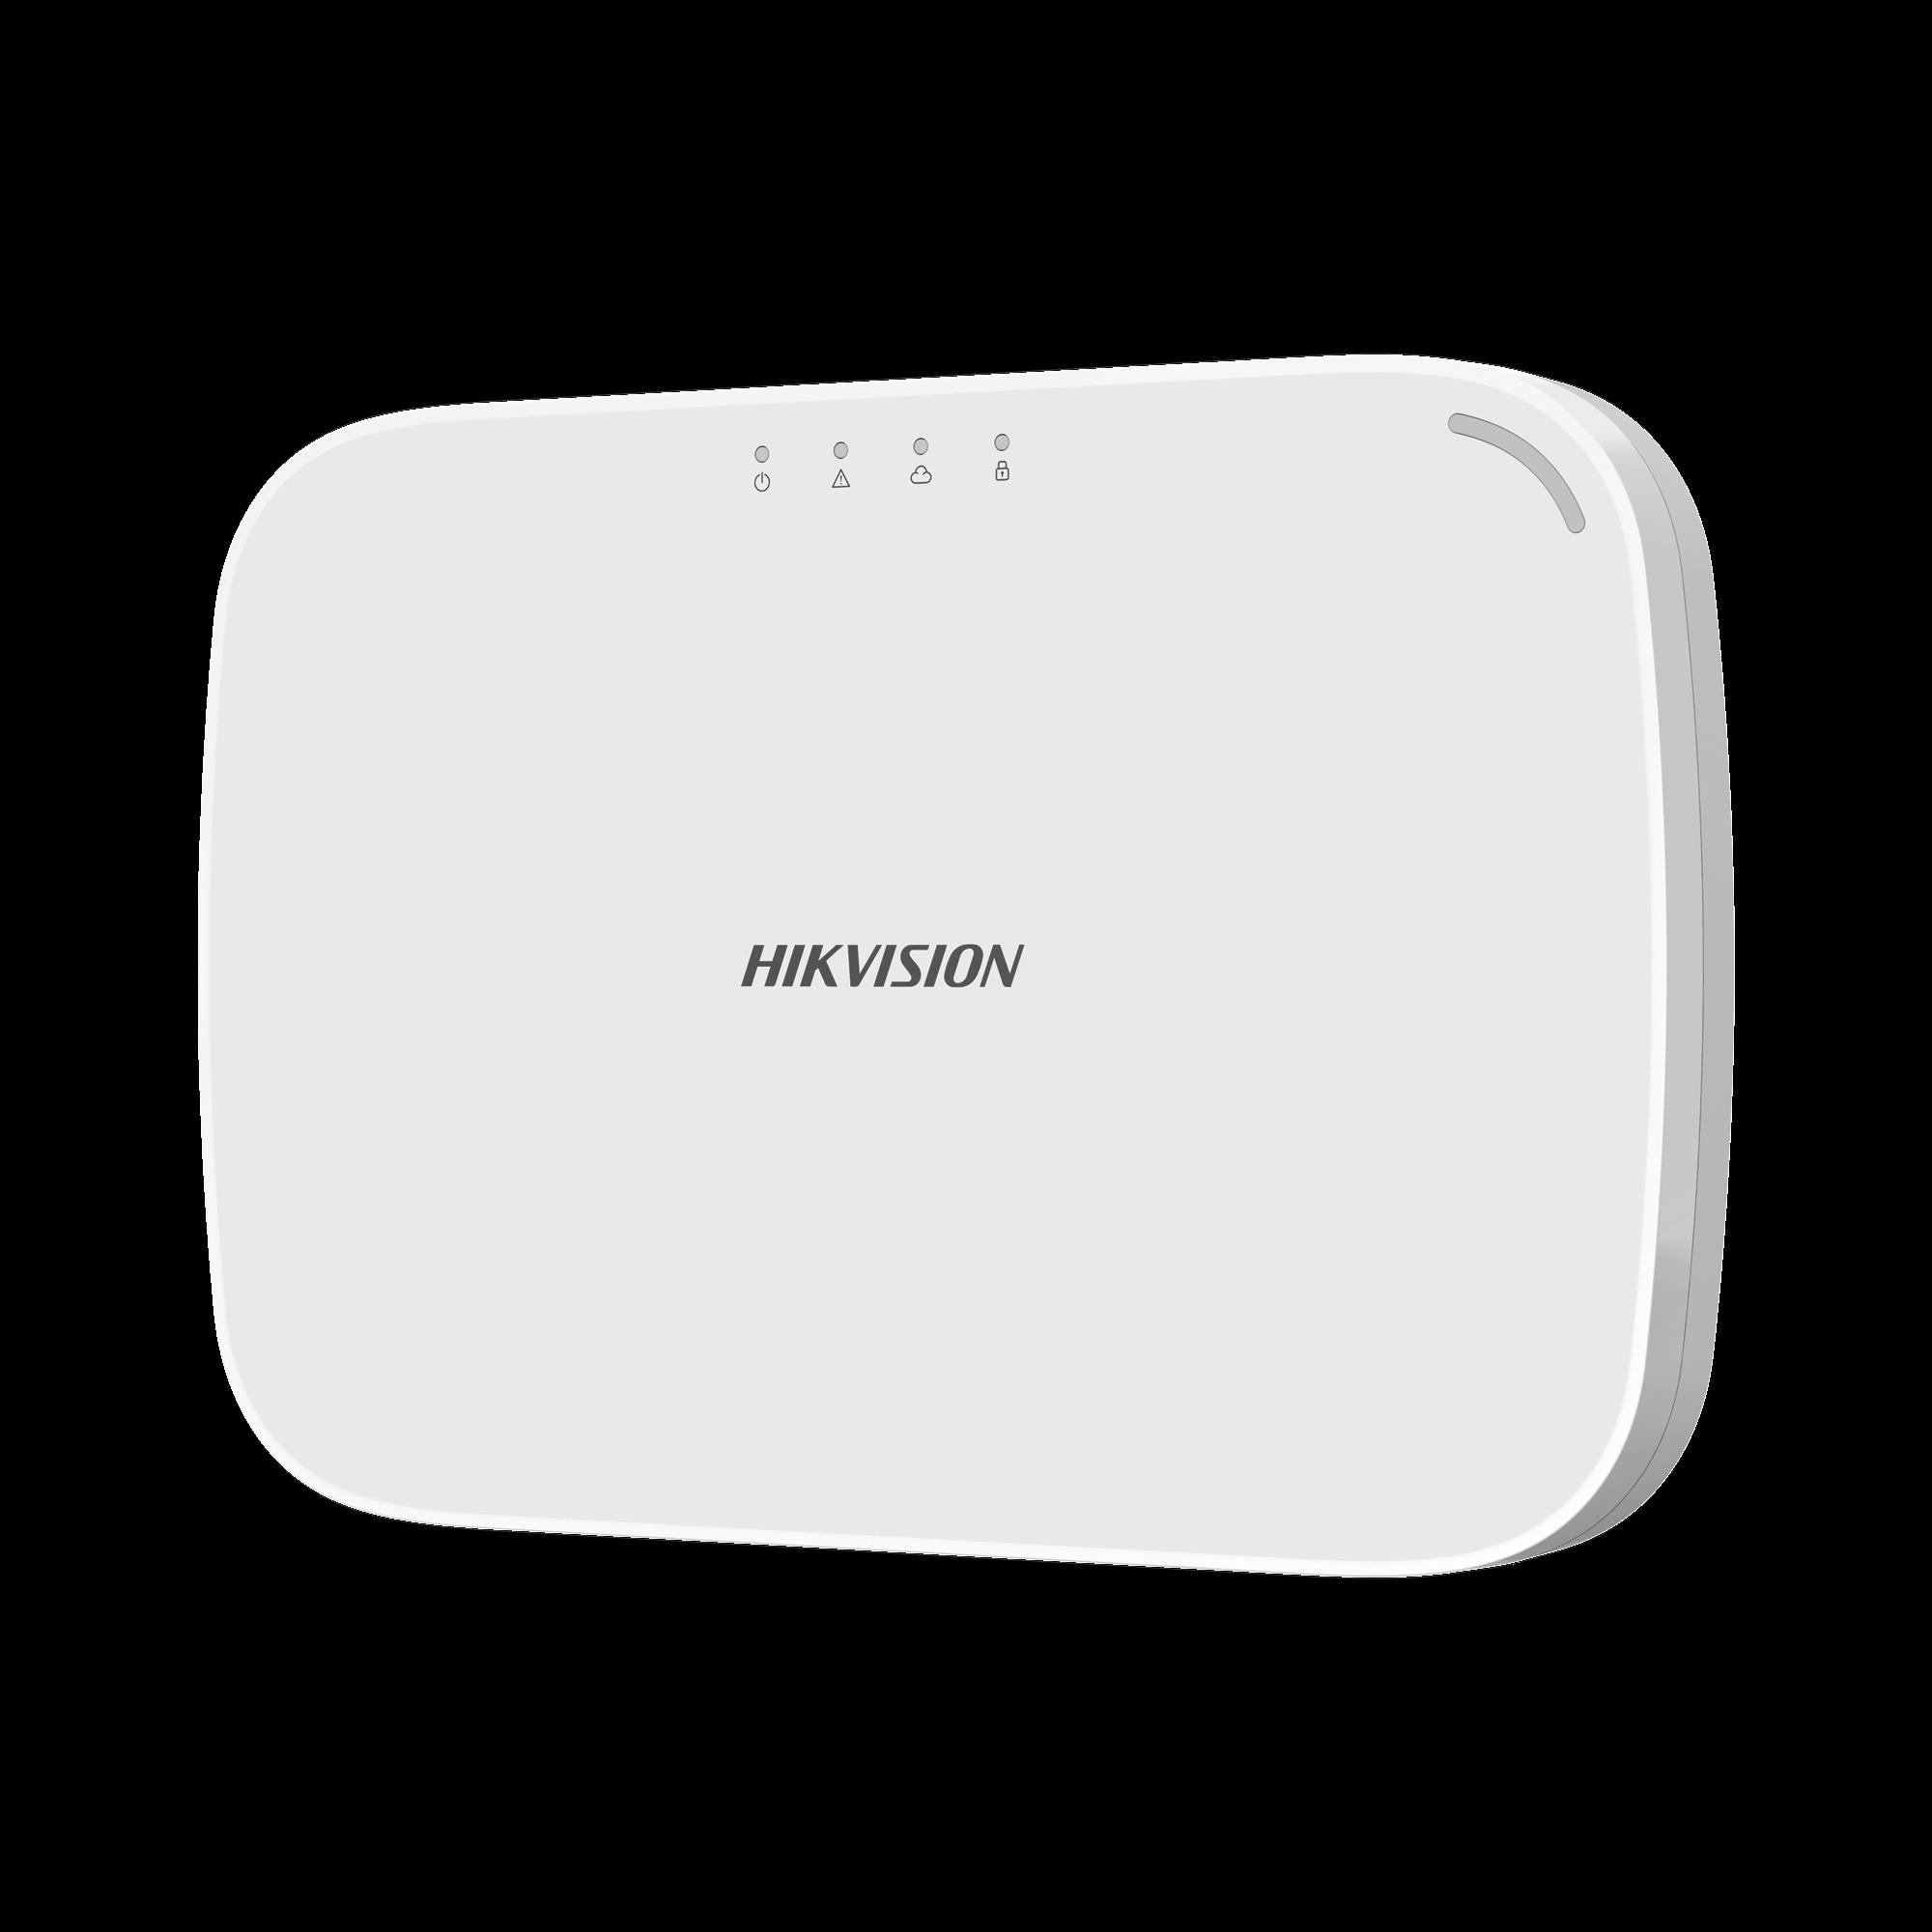 Panel de Alarma Híbrido IP / WiFi / ( 8 zonas Cableadas directas al panel, 56 zonas expandibles ya sean inalambricas o cableadas por medio de módulos)